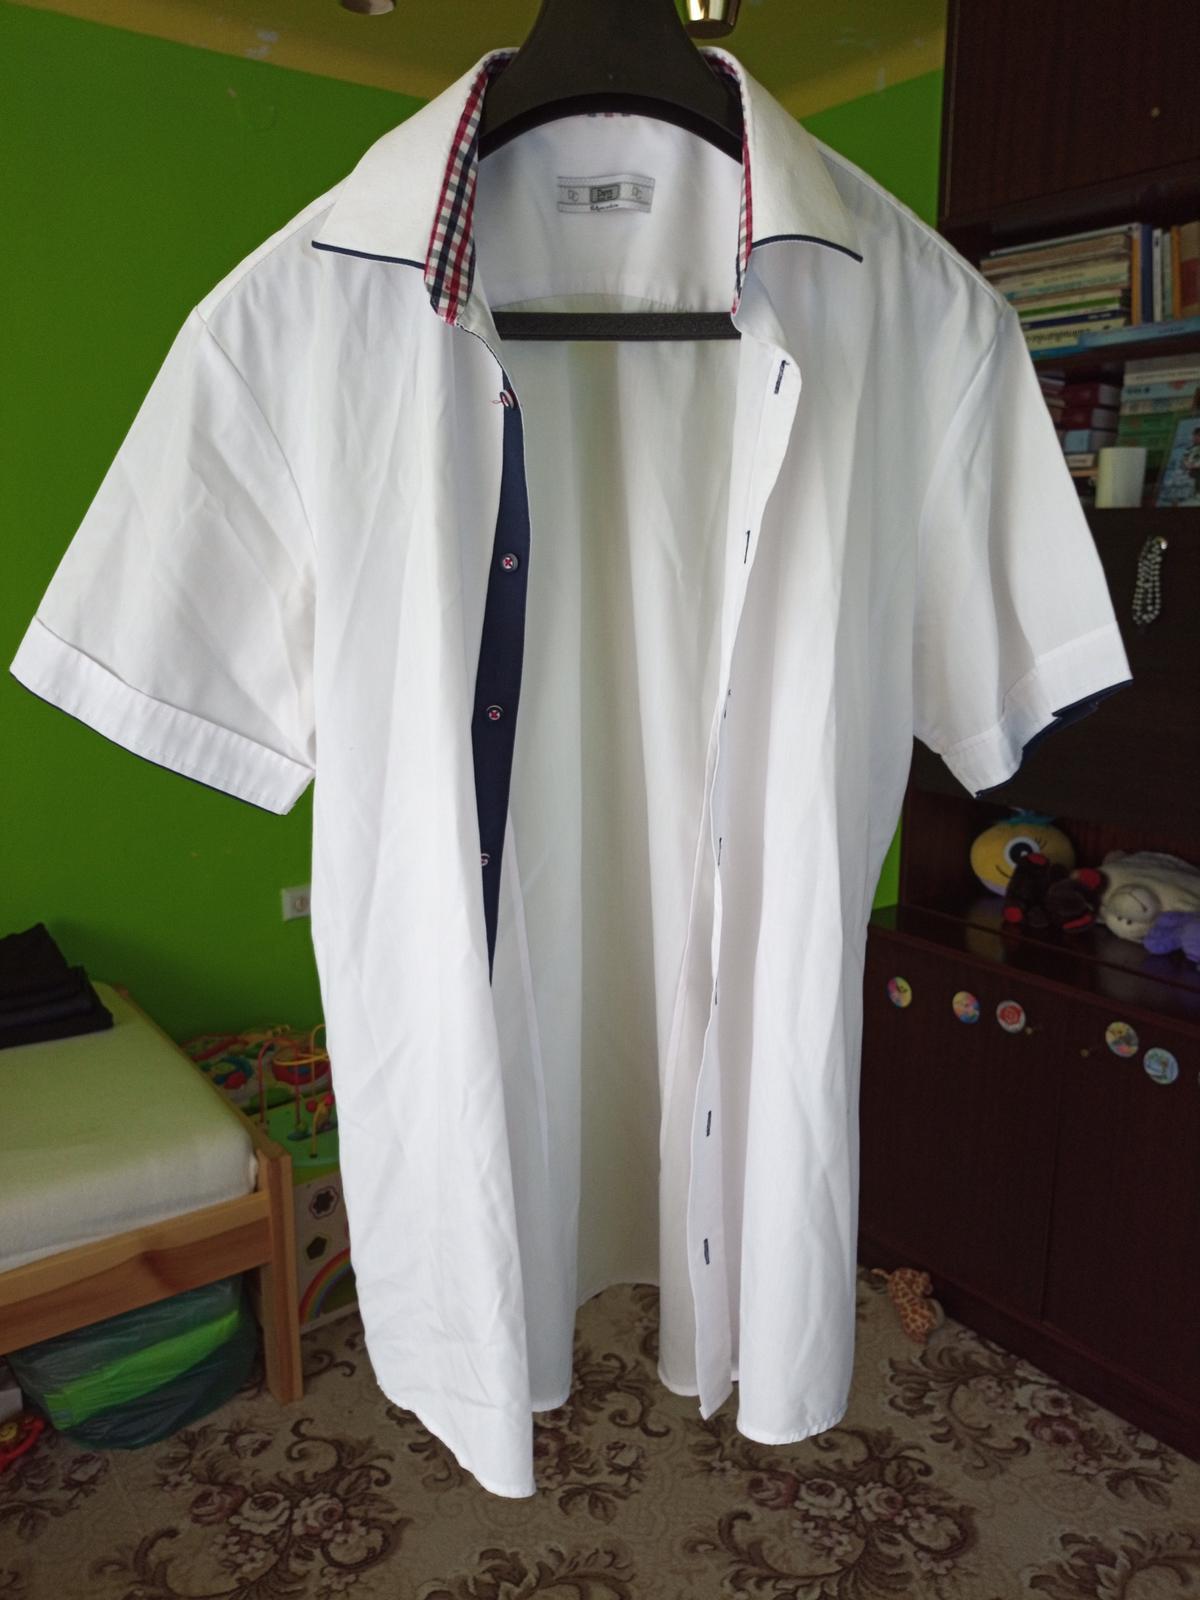 Biela košeľa s krátkym rukávom - Obrázok č. 1